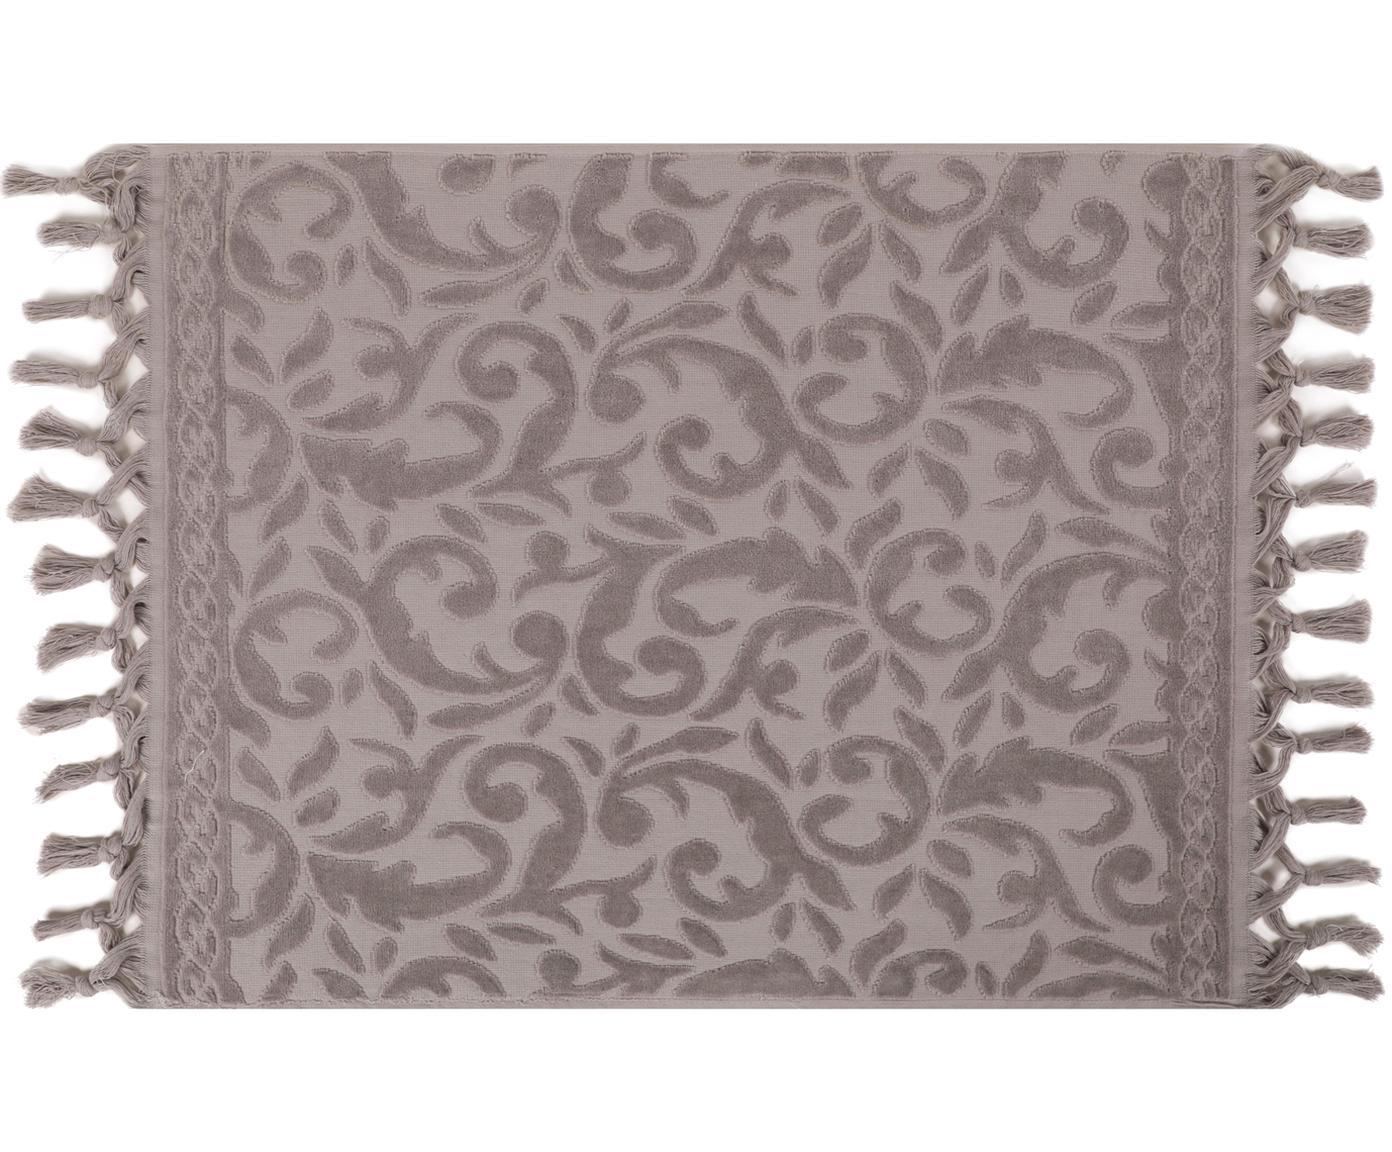 Dywanik łazienkowy z weluru Caroline, Bawełna, Jasny szary, S 50 x D 70 cm